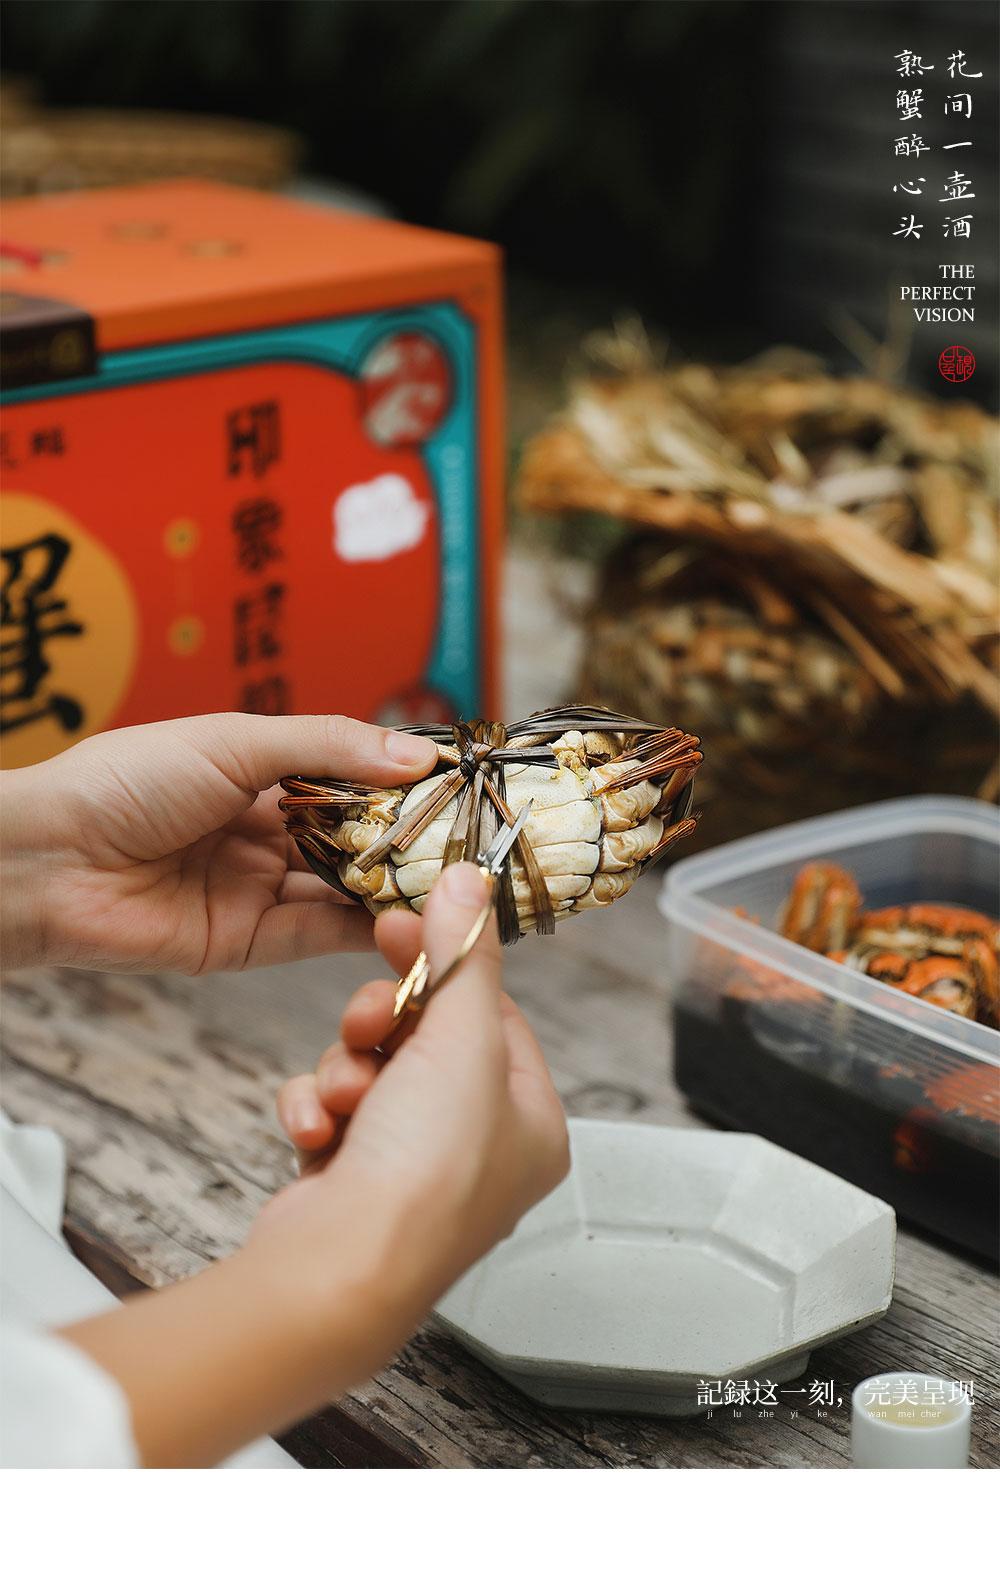 螃蟹美食摄影x完美呈现